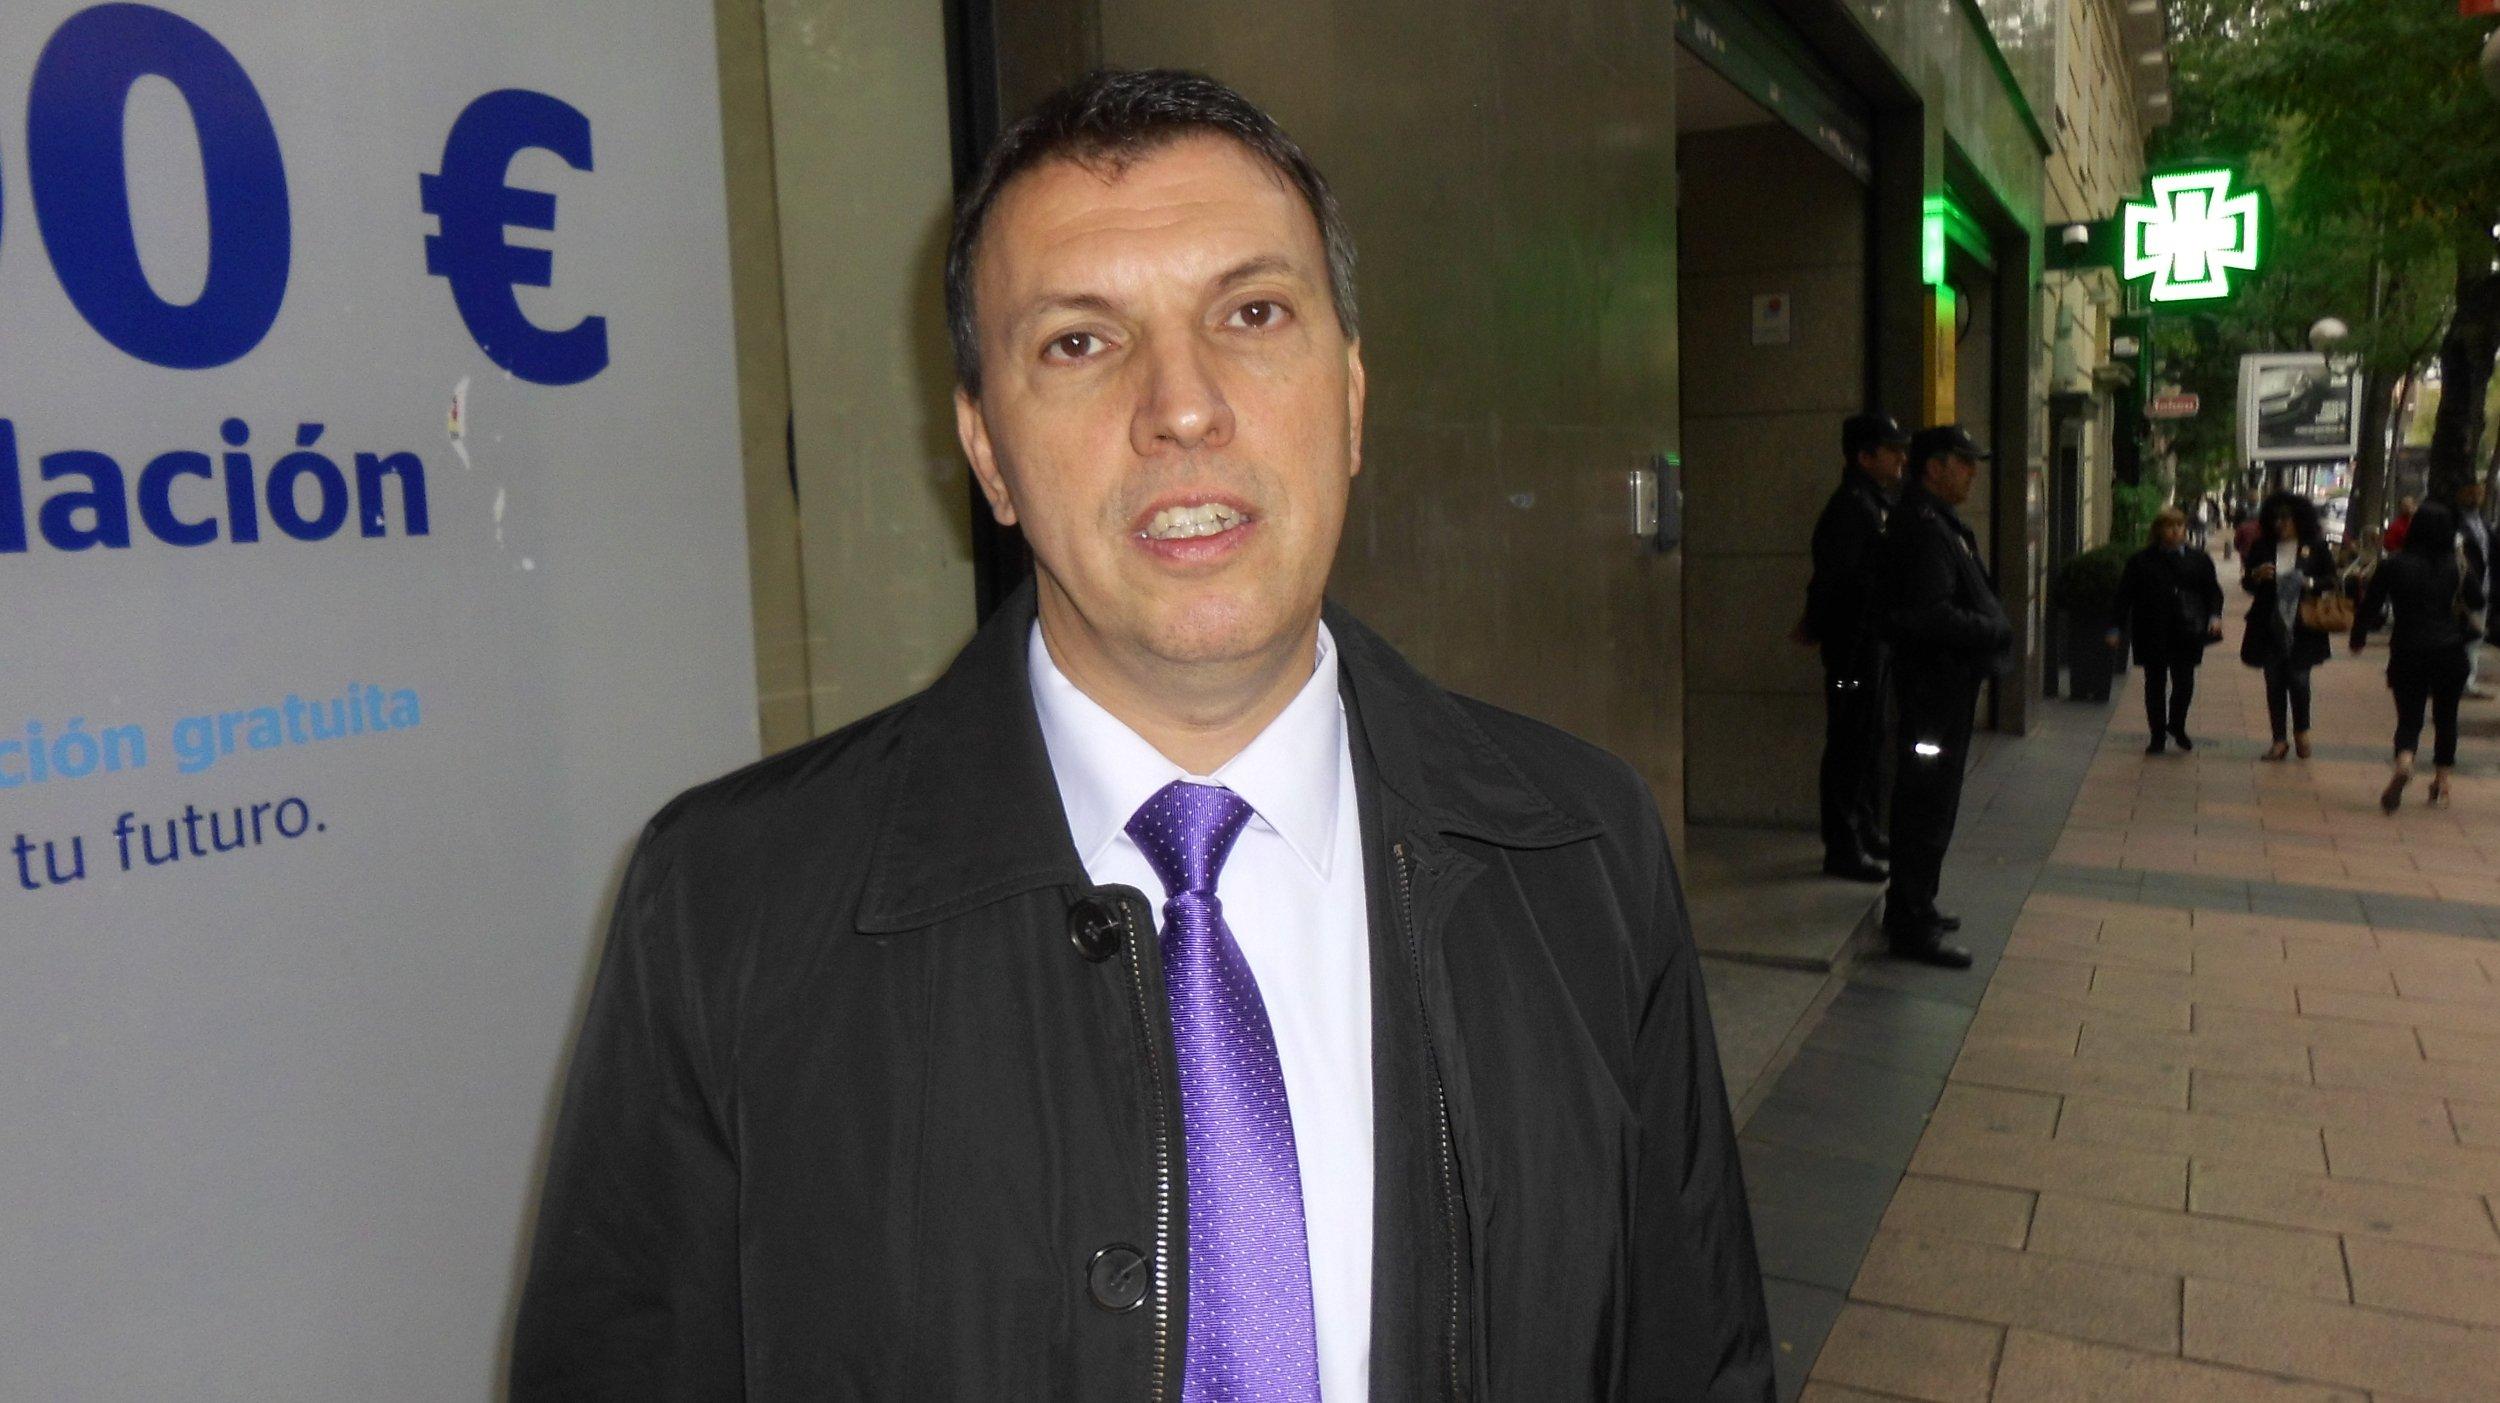 Joaquim bosch jutges democracia ACN